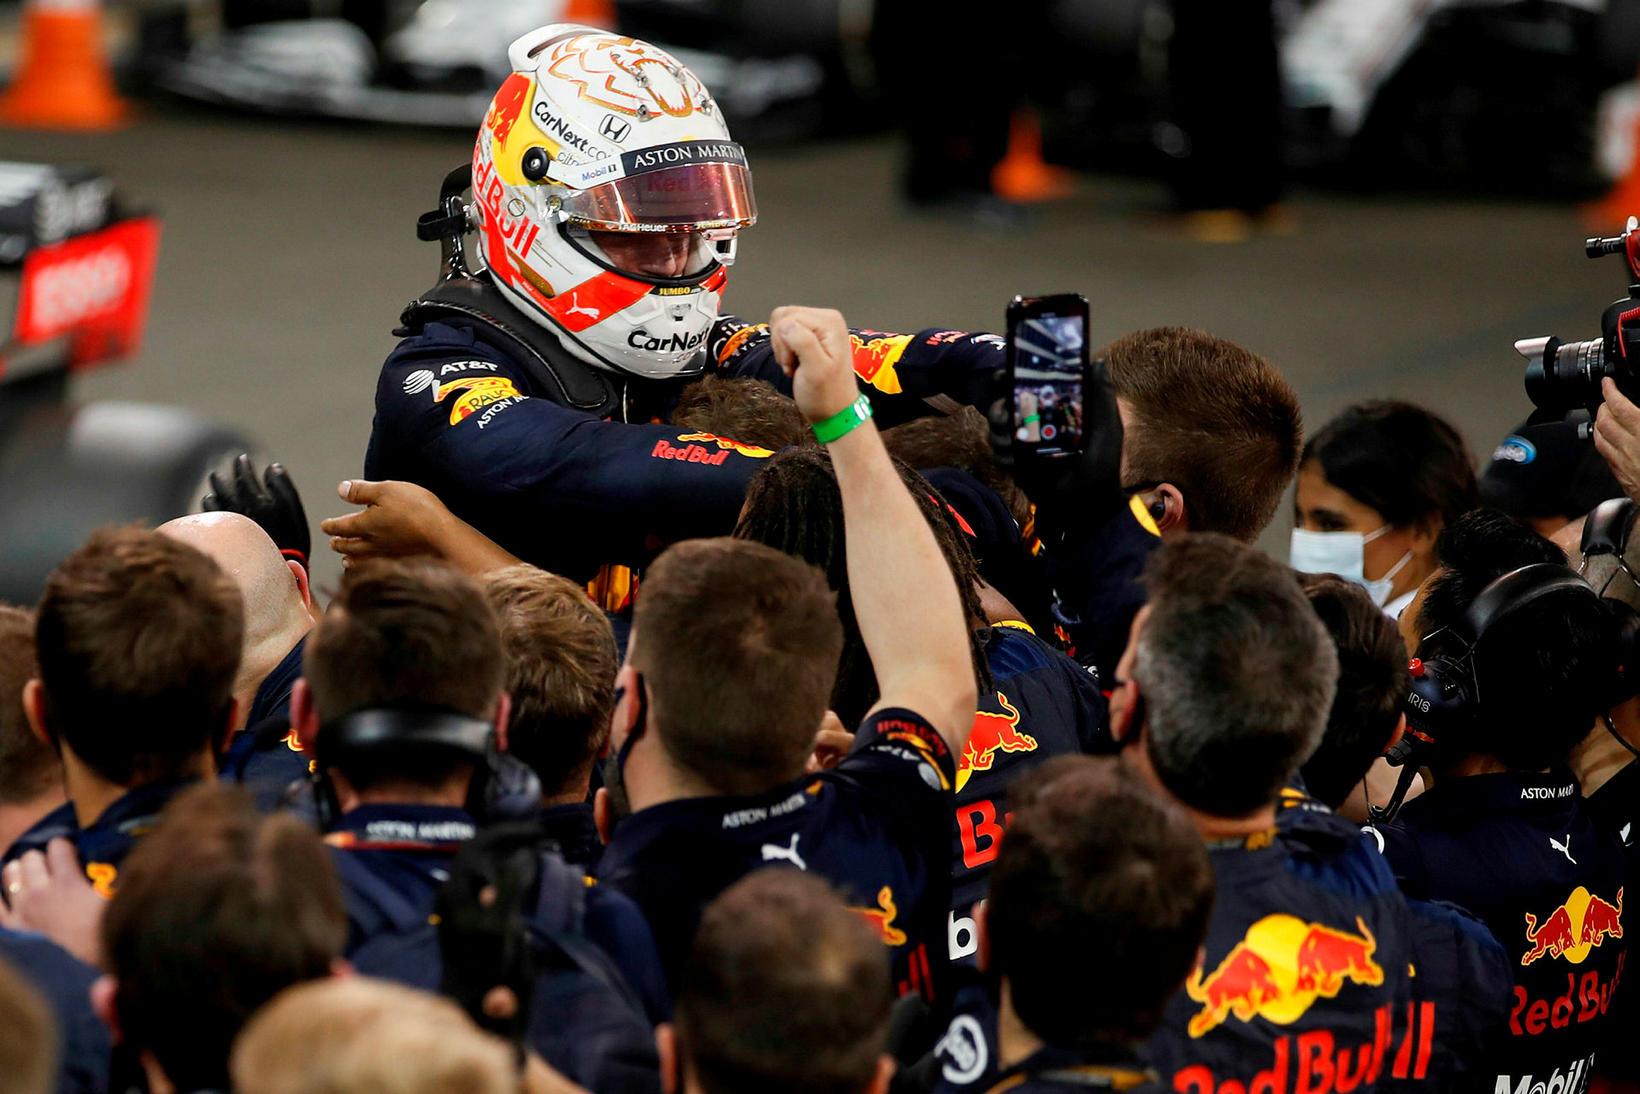 Liðsmenn Red Bull fagna Max Verstappen eftir sigur hans í …